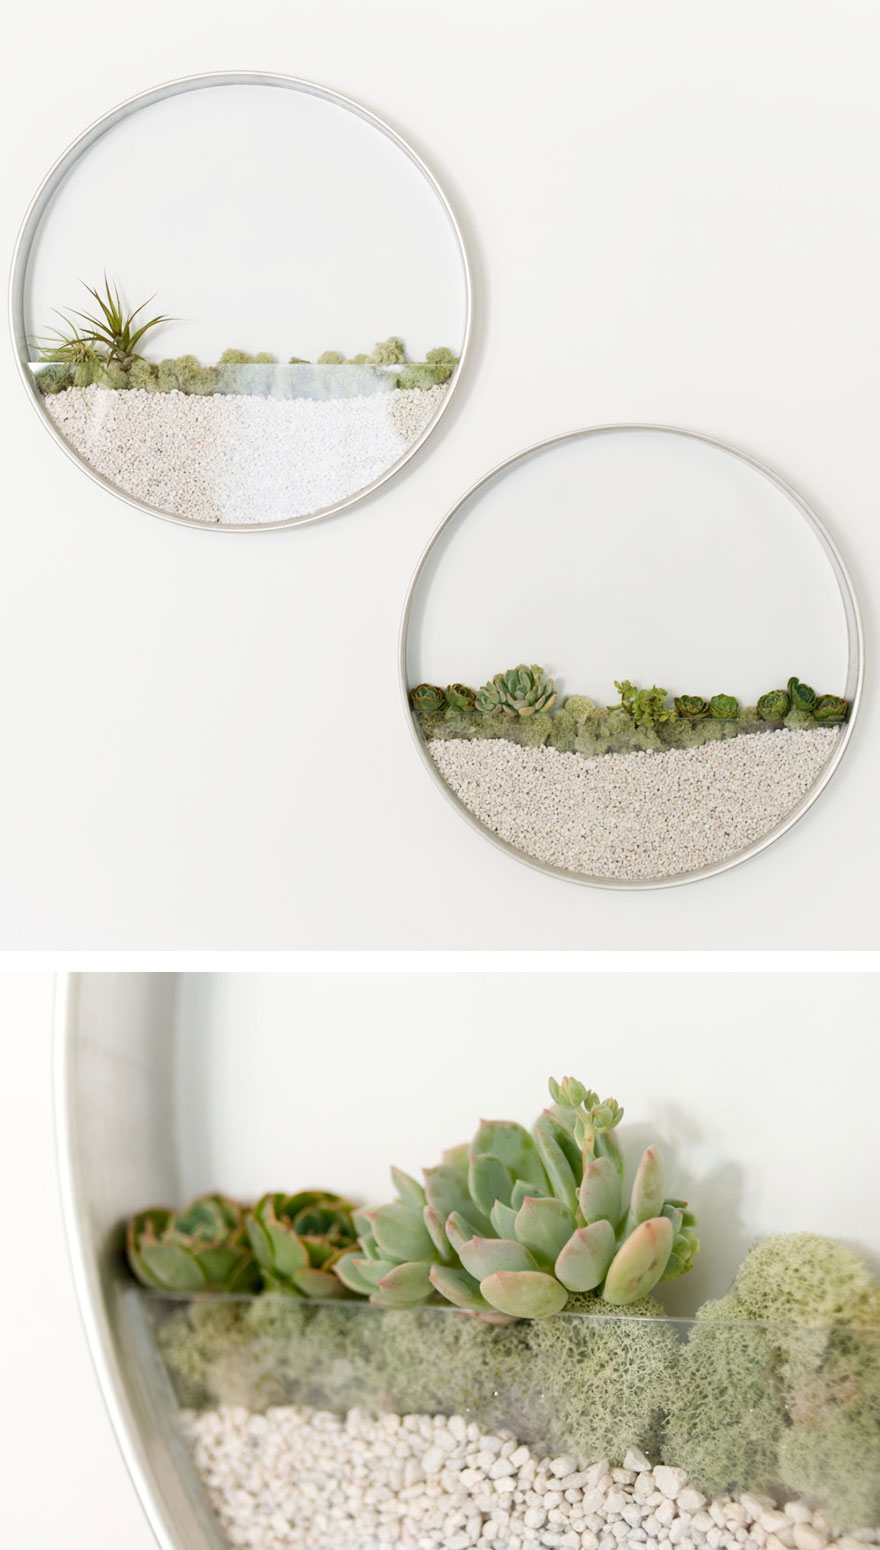 Вертикальный флорариум за стеклом. Компания KimFisherDesigns.